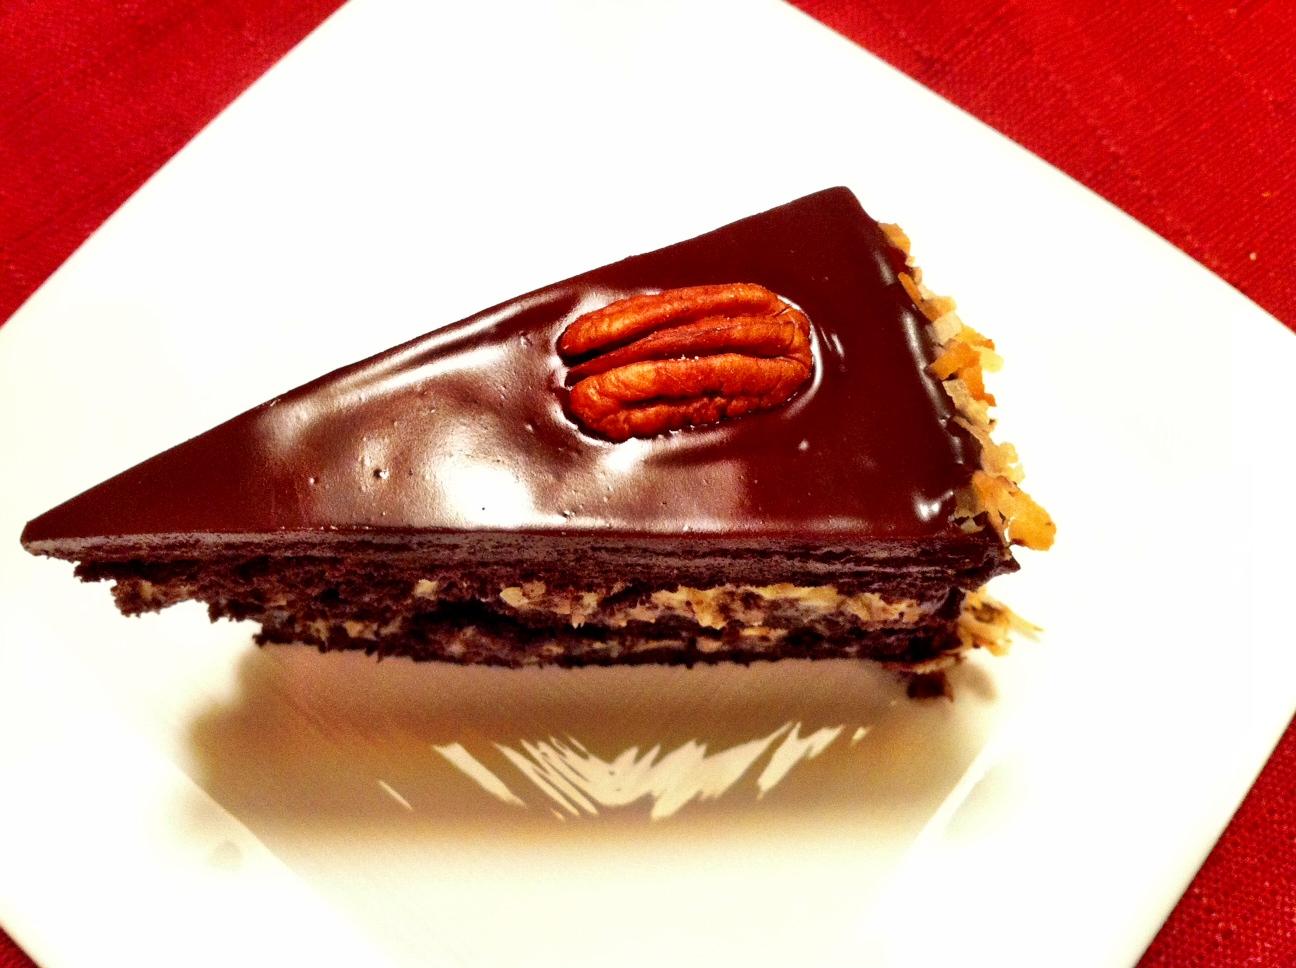 German Chocolate Cake Recipe Joy Of Baking: Fueling With Flavour: German's Chocolate Cake With Toasted